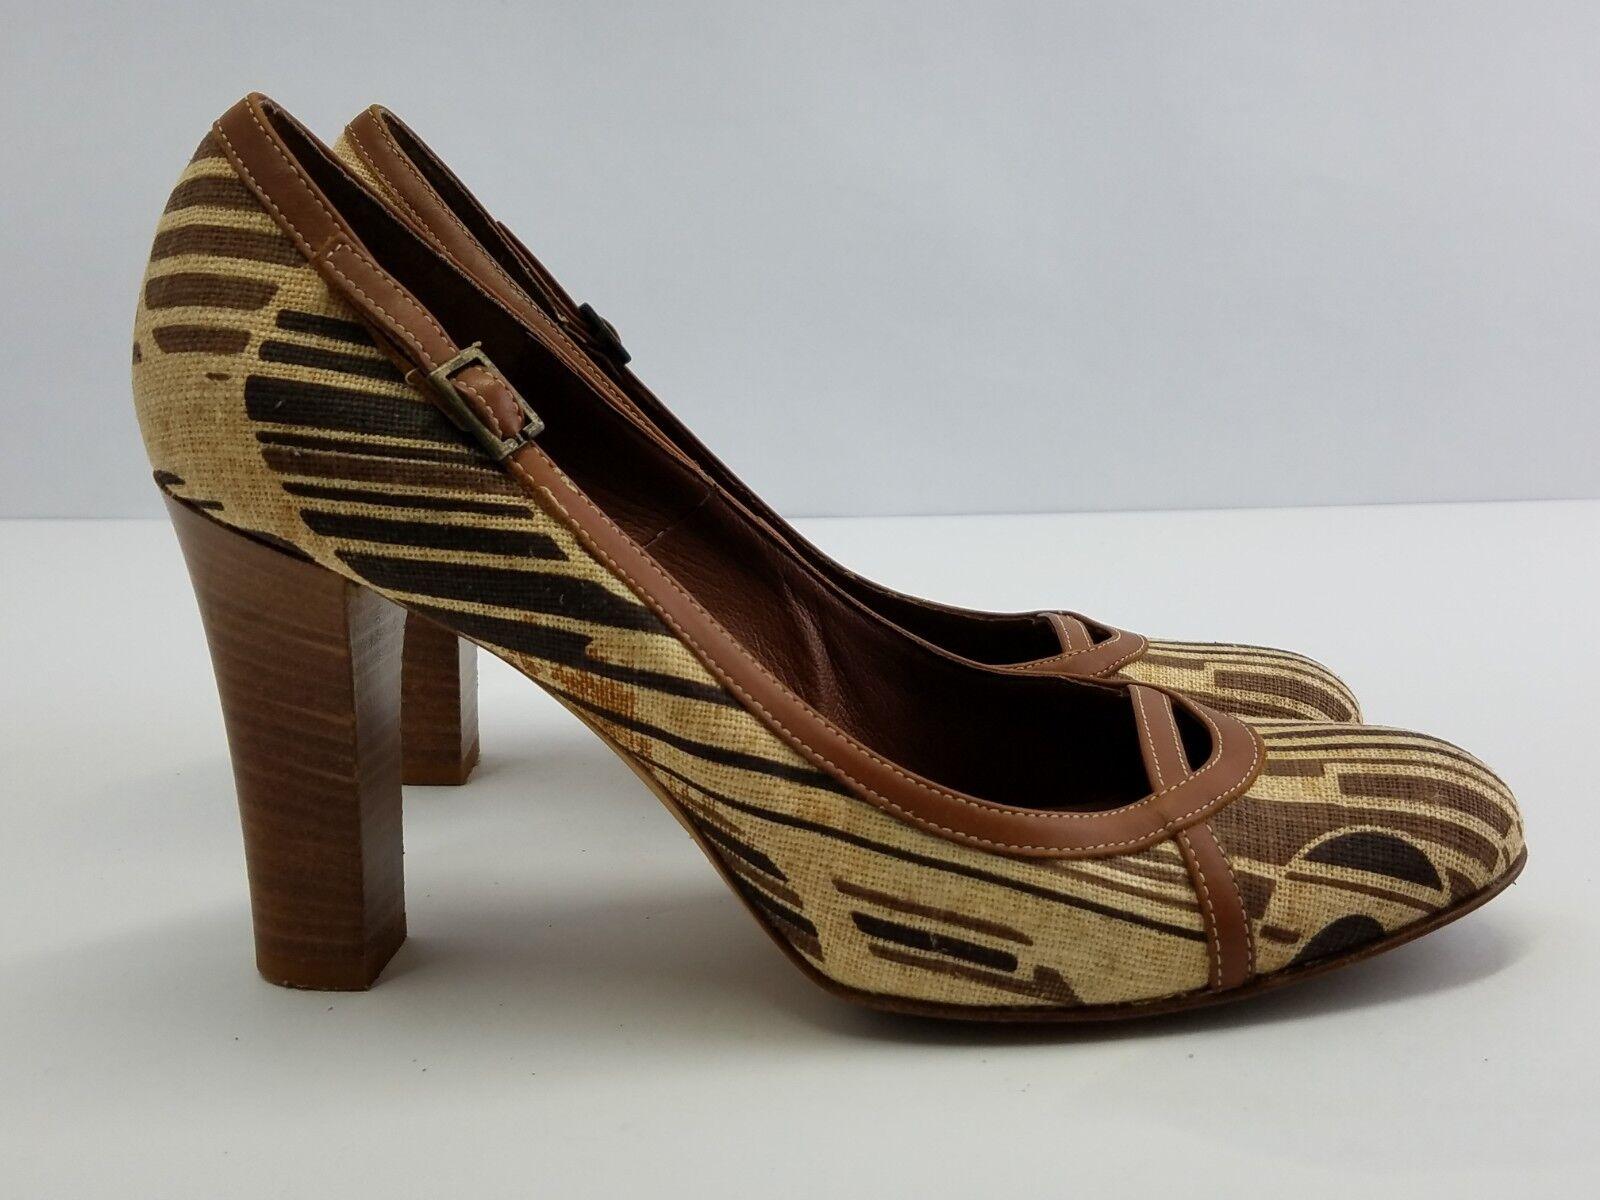 Banana Republic Chaussures Femmes Escarpins Talons Hauts Imprimé en cuir marron Italie sz 8.5